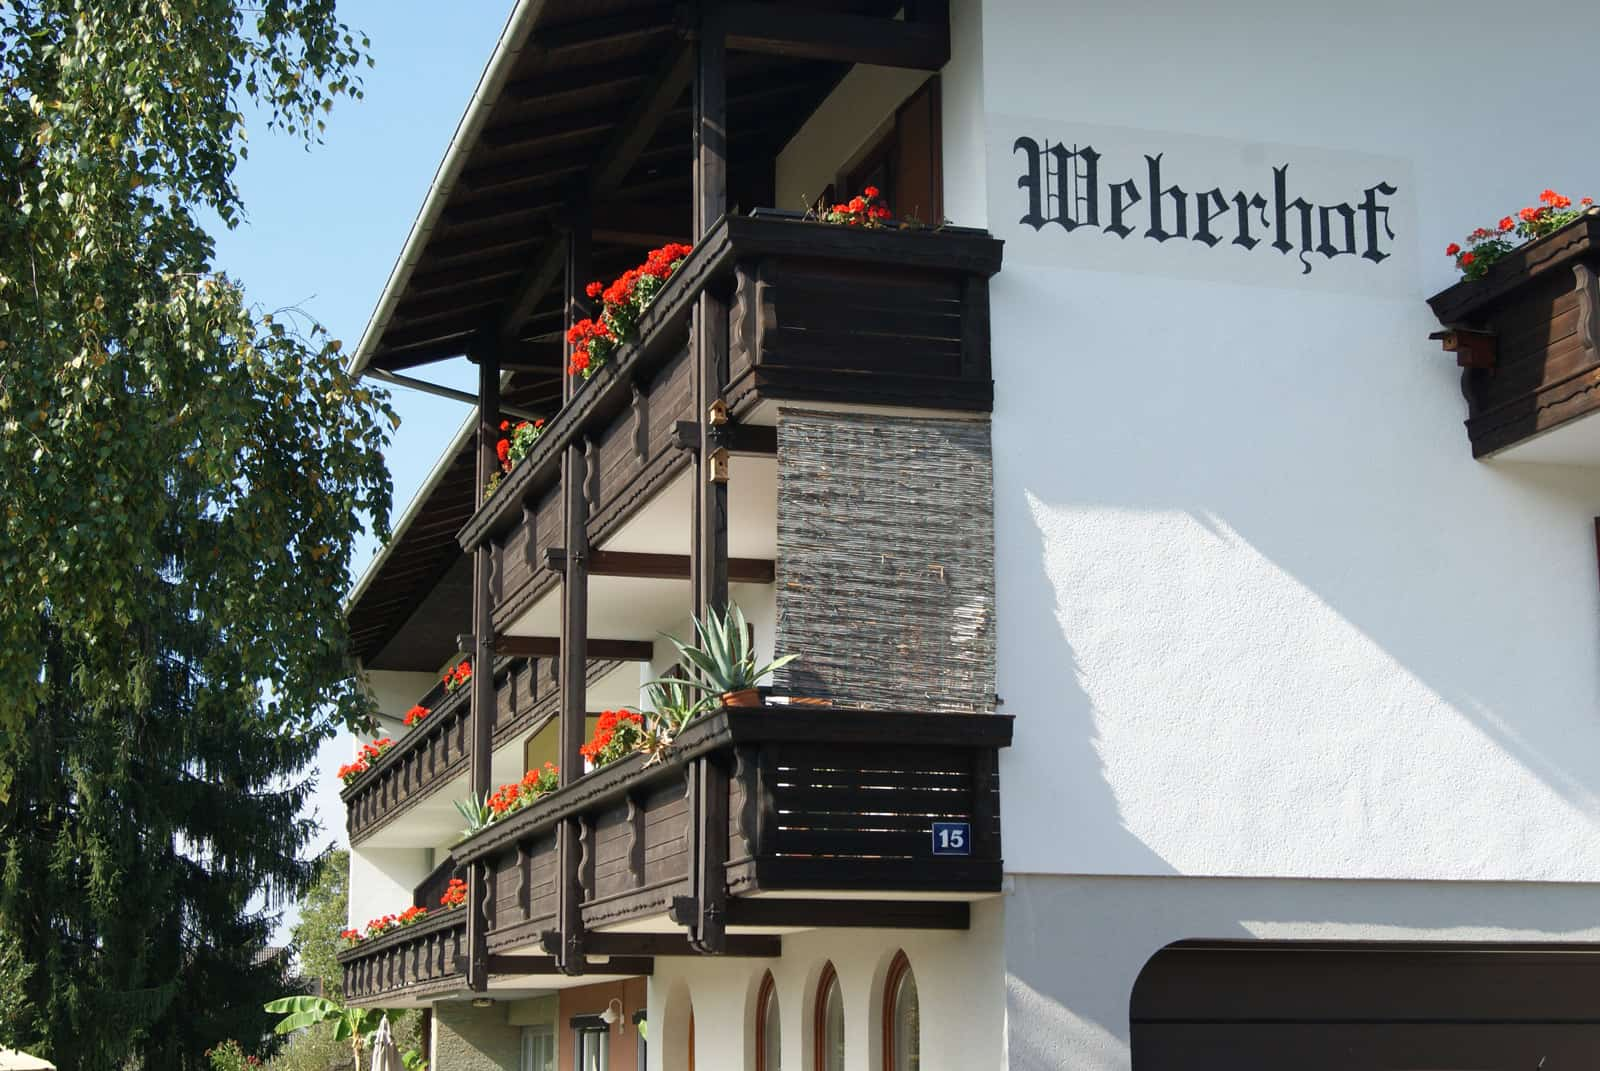 Apartments Weberhof Hausansicht